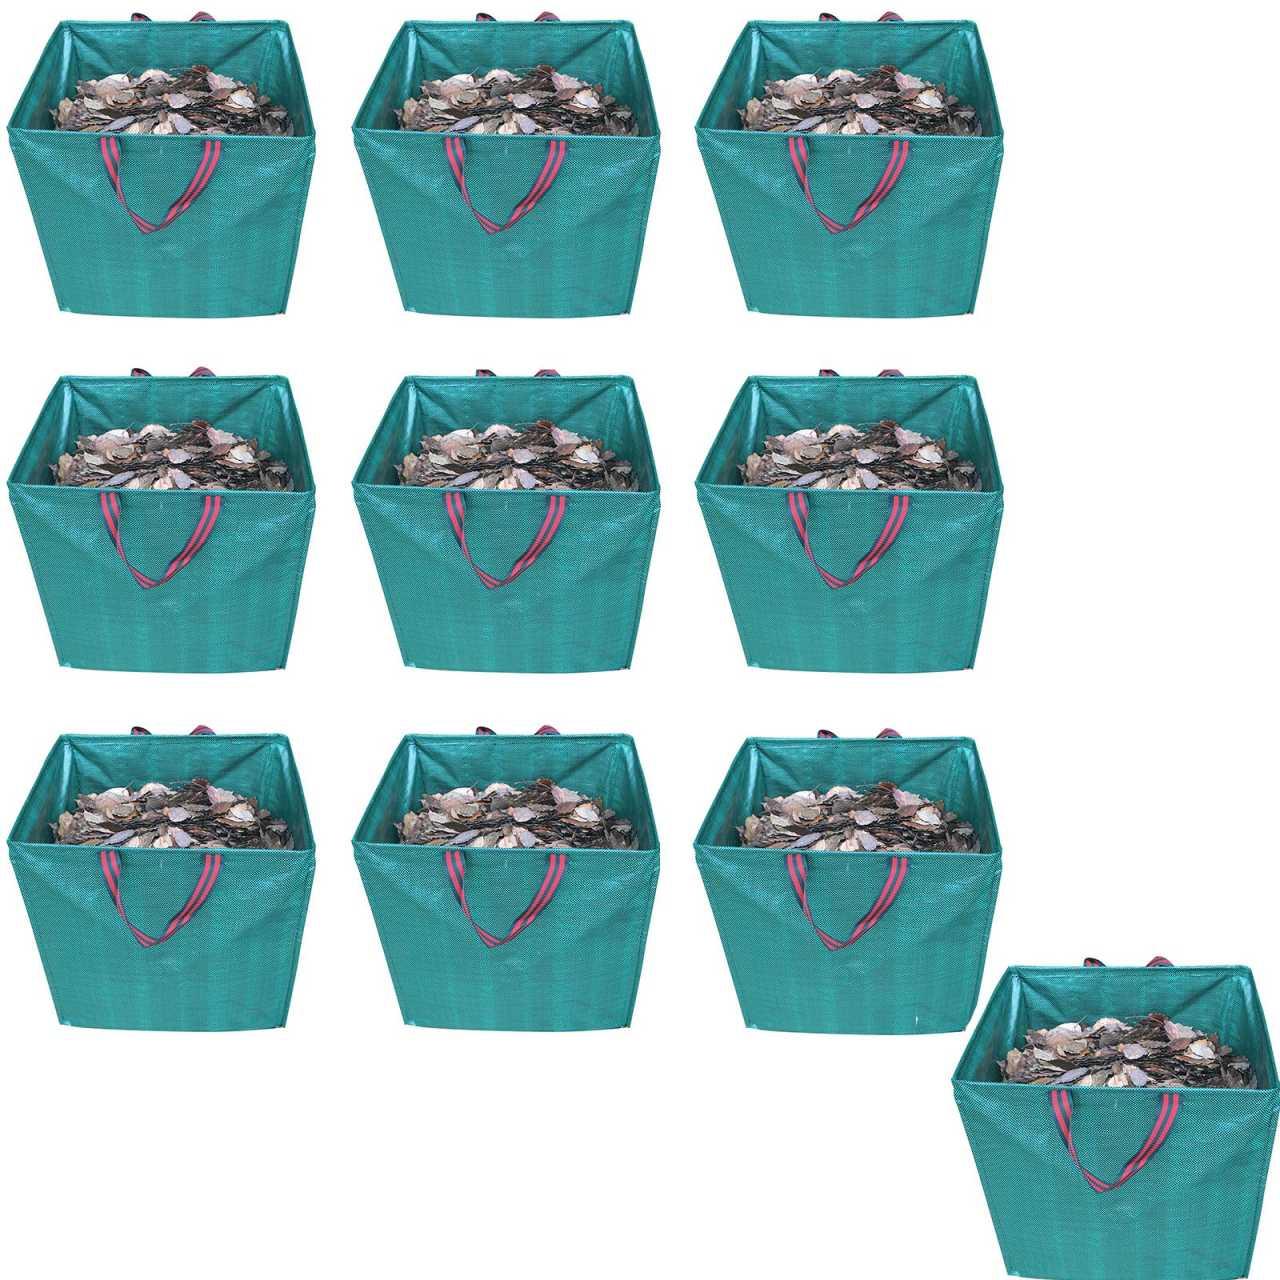 10er Set Grafner® Gartenabfallsack 275 Liter Gartentasche eckig Laubsack